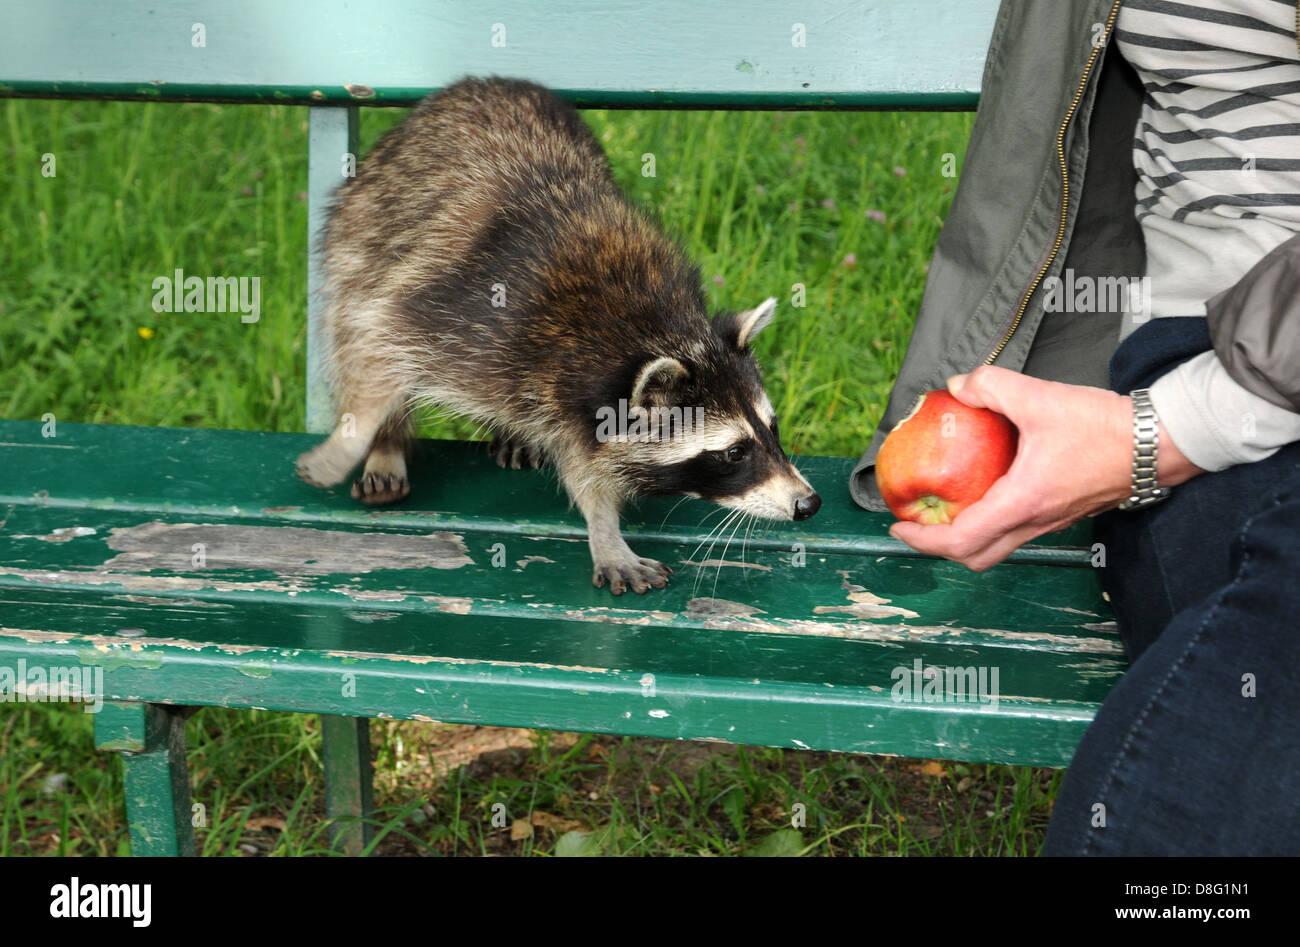 raccoon feed - Stock Image